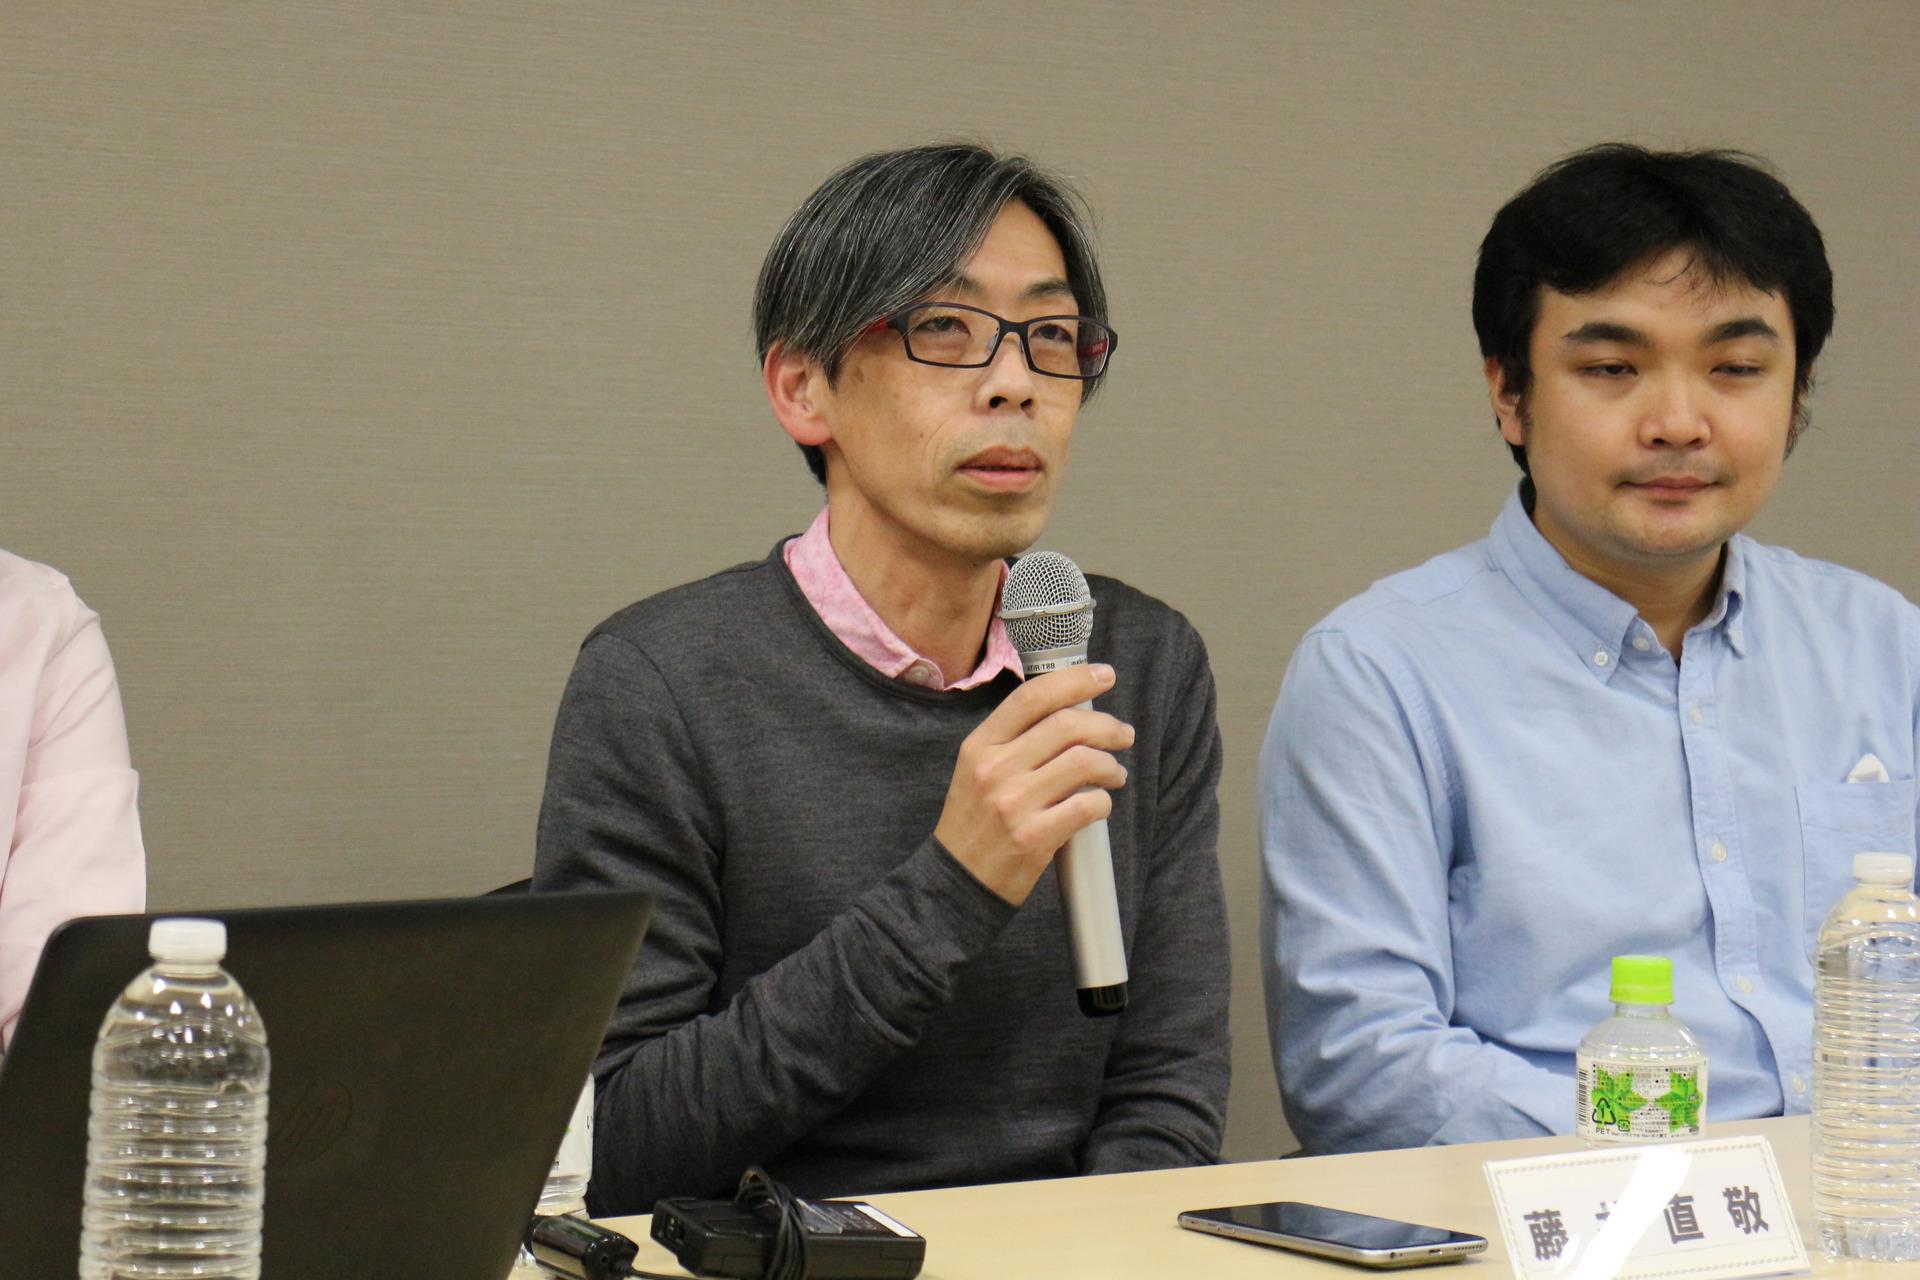 藤井氏は「B2B2Cのビジネスモデルが必要」と語る